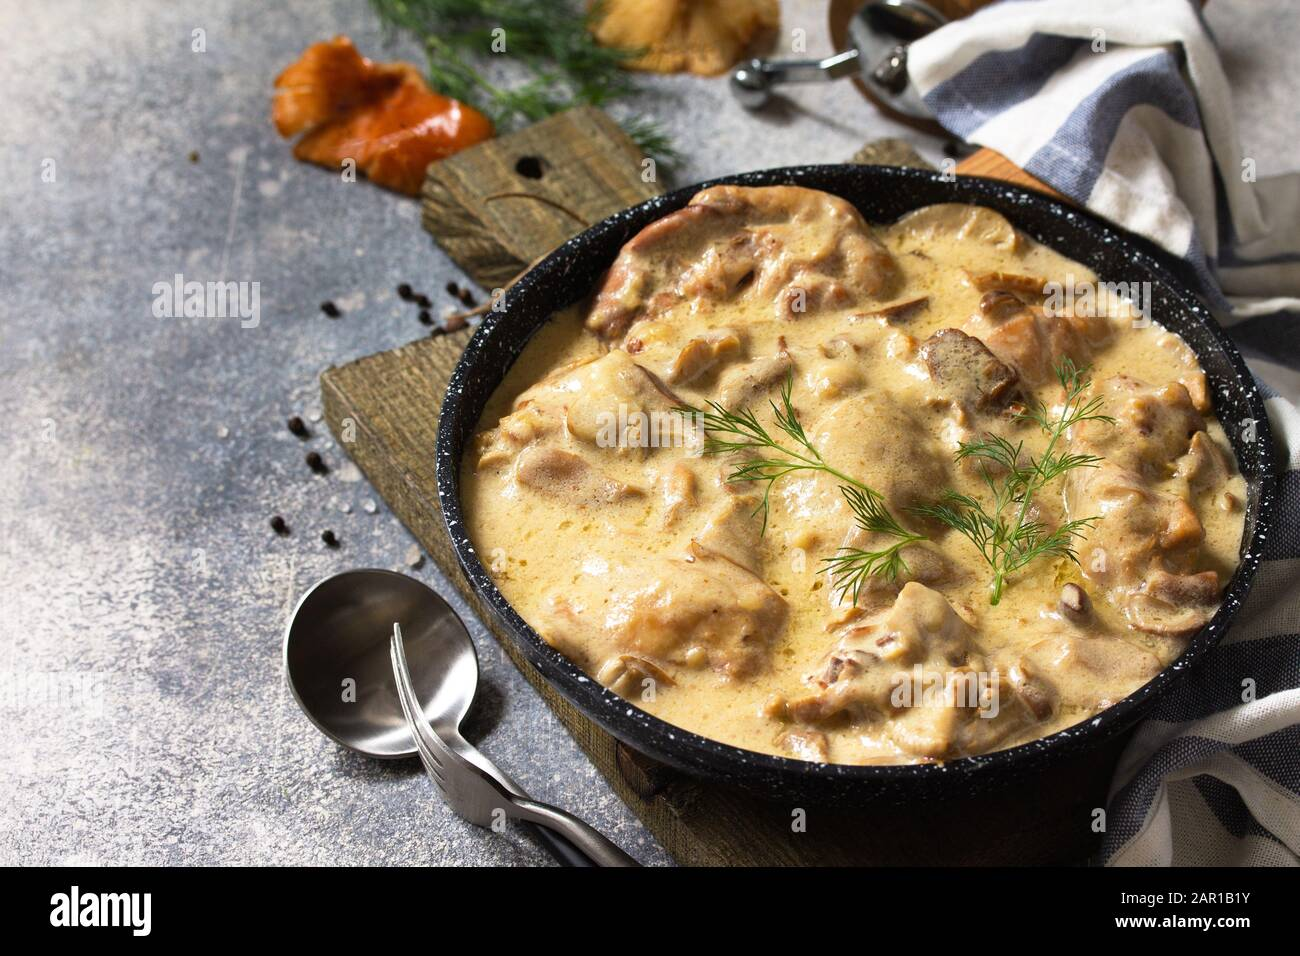 Fricasse - Cuisine Française. Poulet cuit dans une sauce crémeuse aux champignons dans une poêle sur fond de pierre légère. Banque D'Images